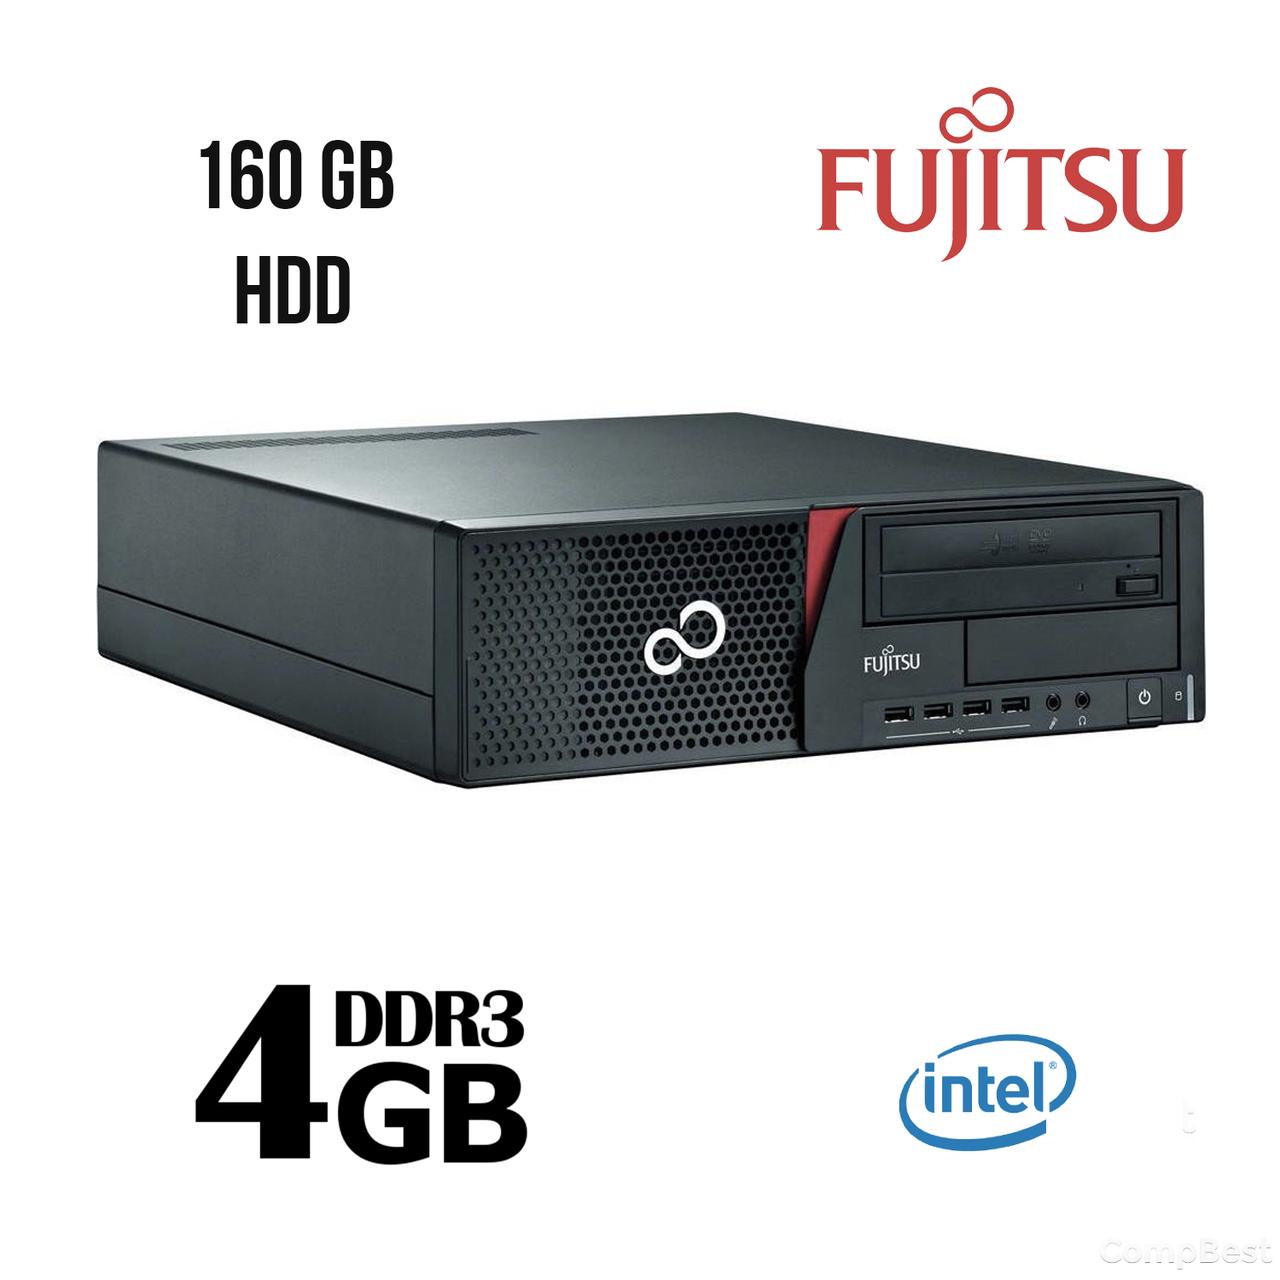 Fujitsu E700 SFF / Intel® Pentium® G840 (2(2) ядра по 2.8 GHz) / 4 GB DDR3 / 160 GB HDD